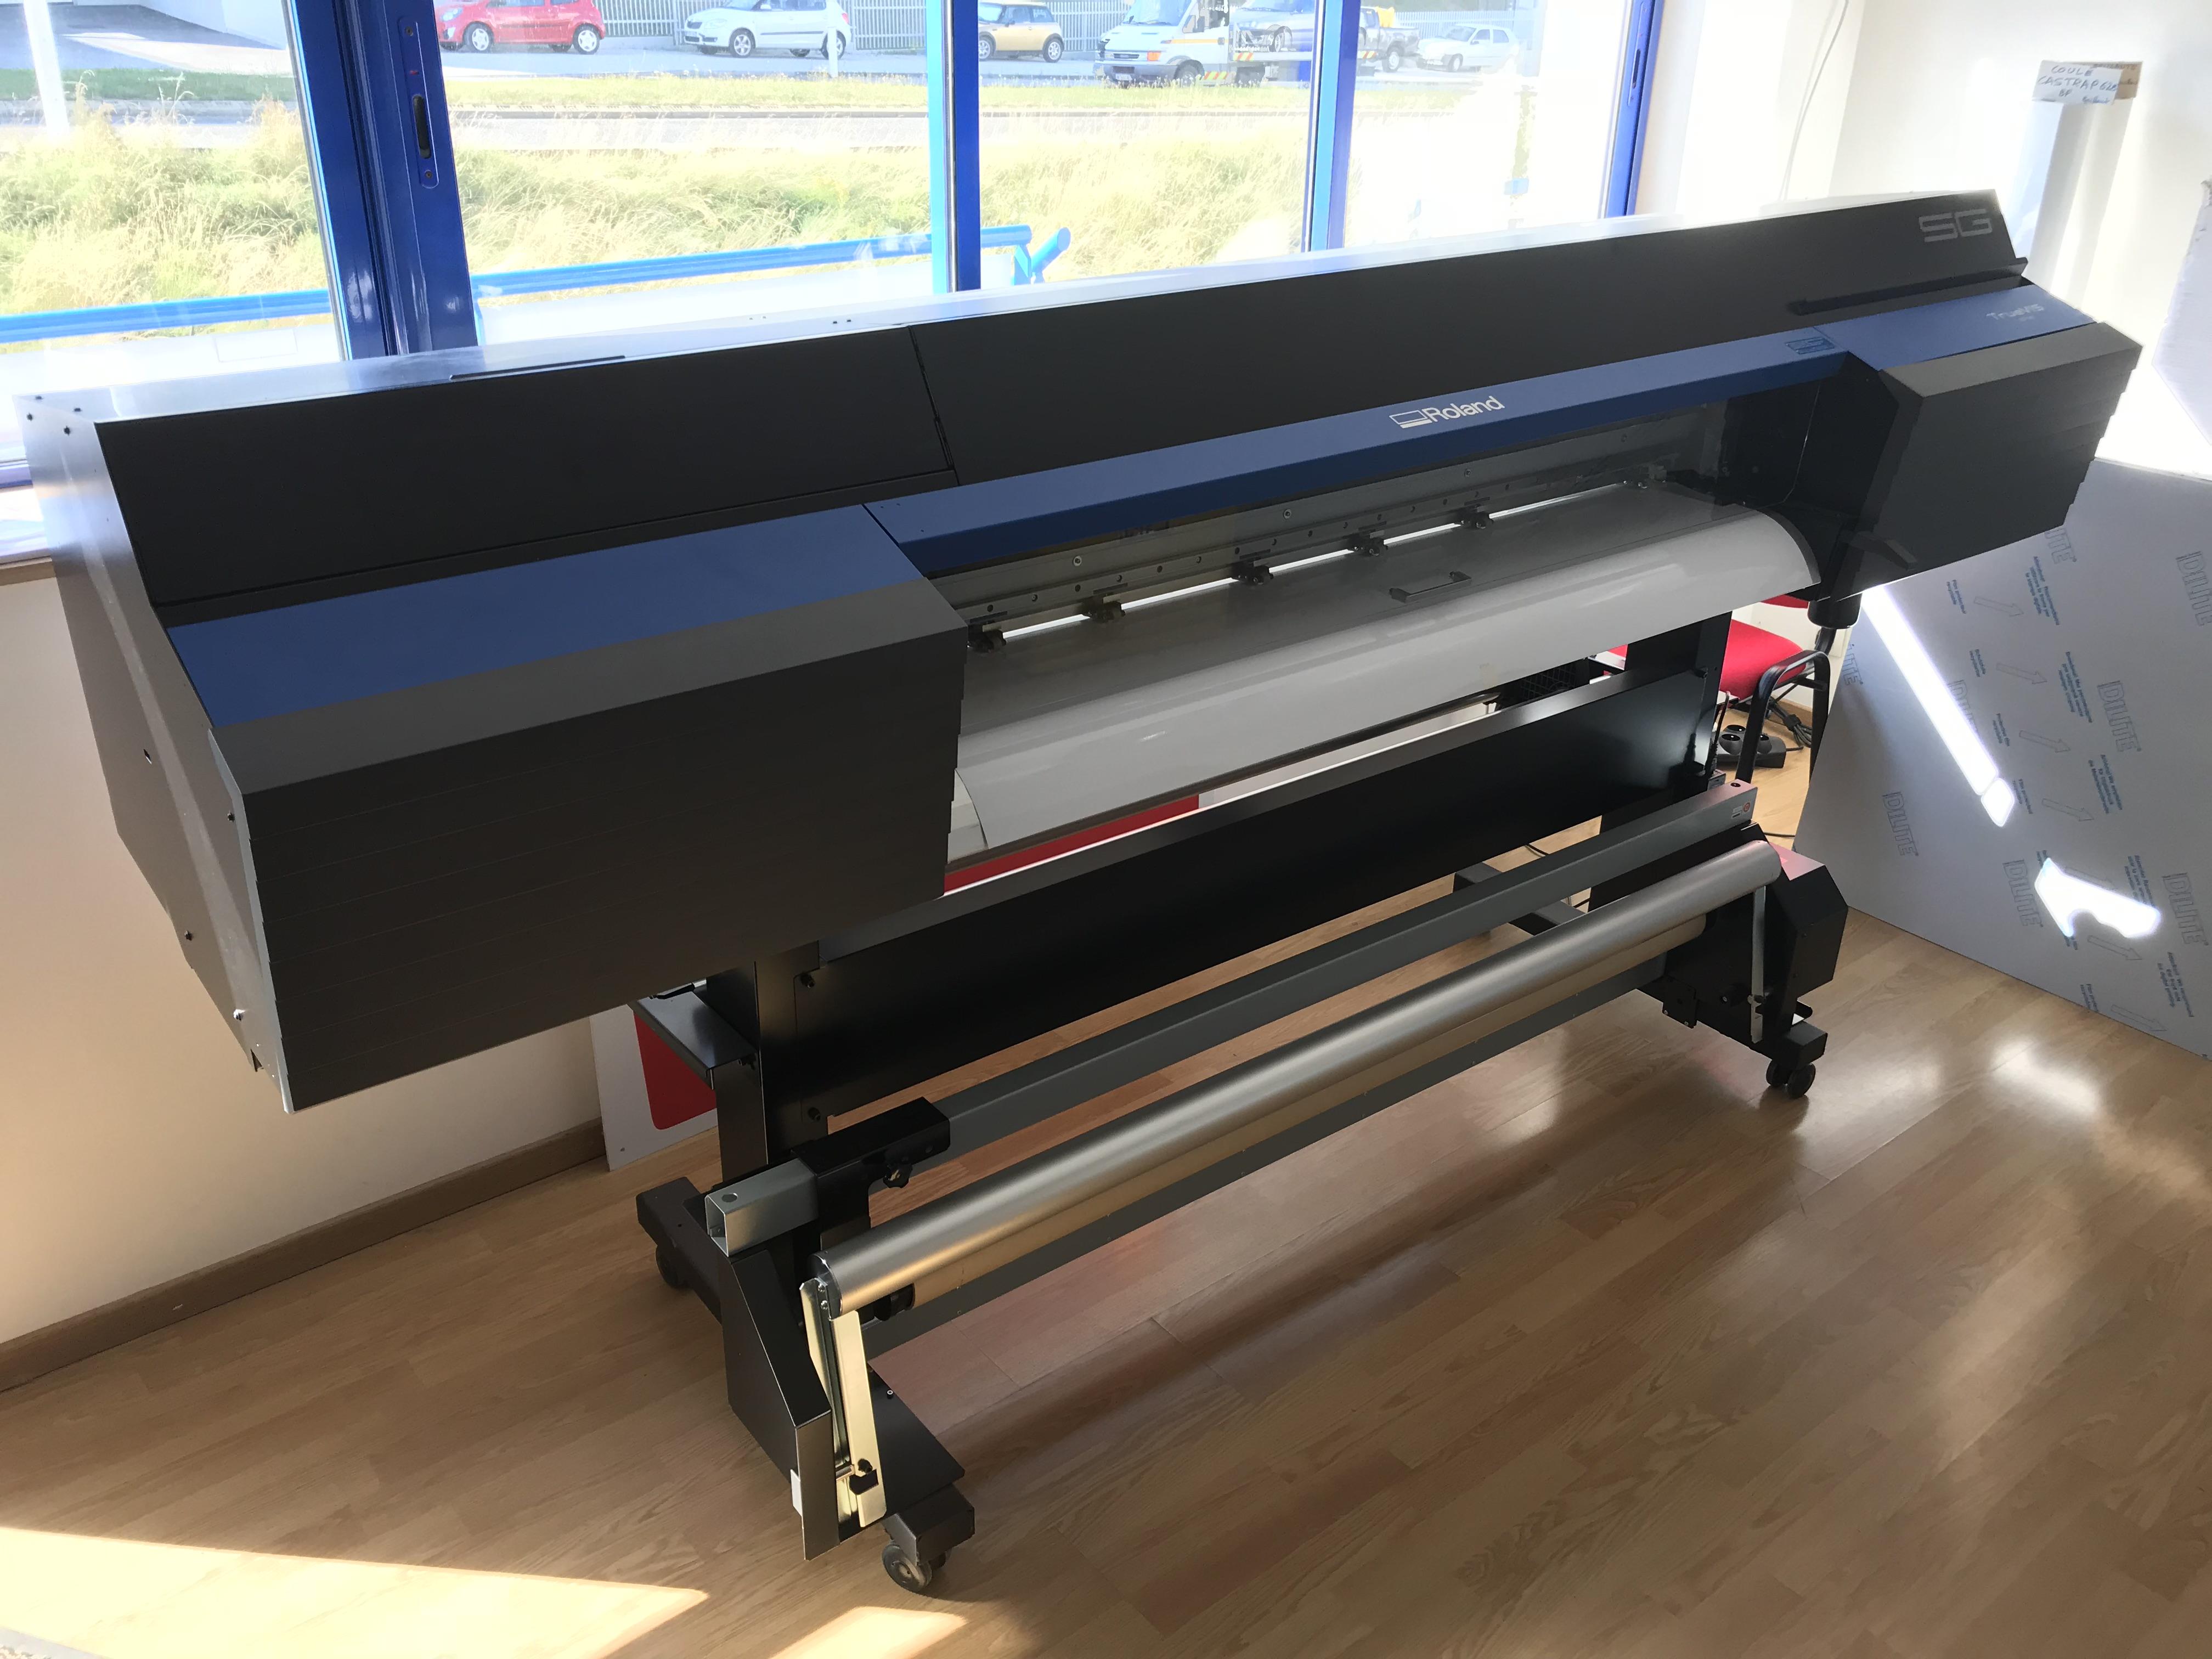 Roland Truevis SG 540 large format plotter - Exapro